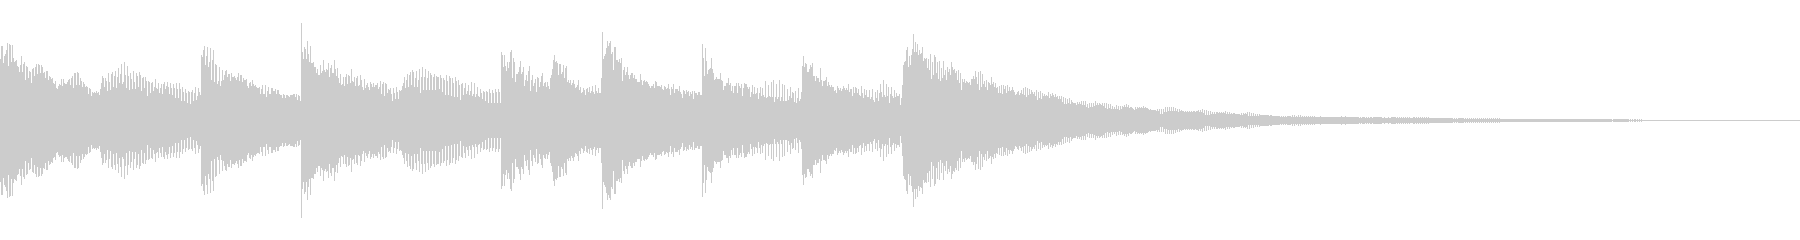 ハープシコード クラシカル 場面転換の未再生の波形